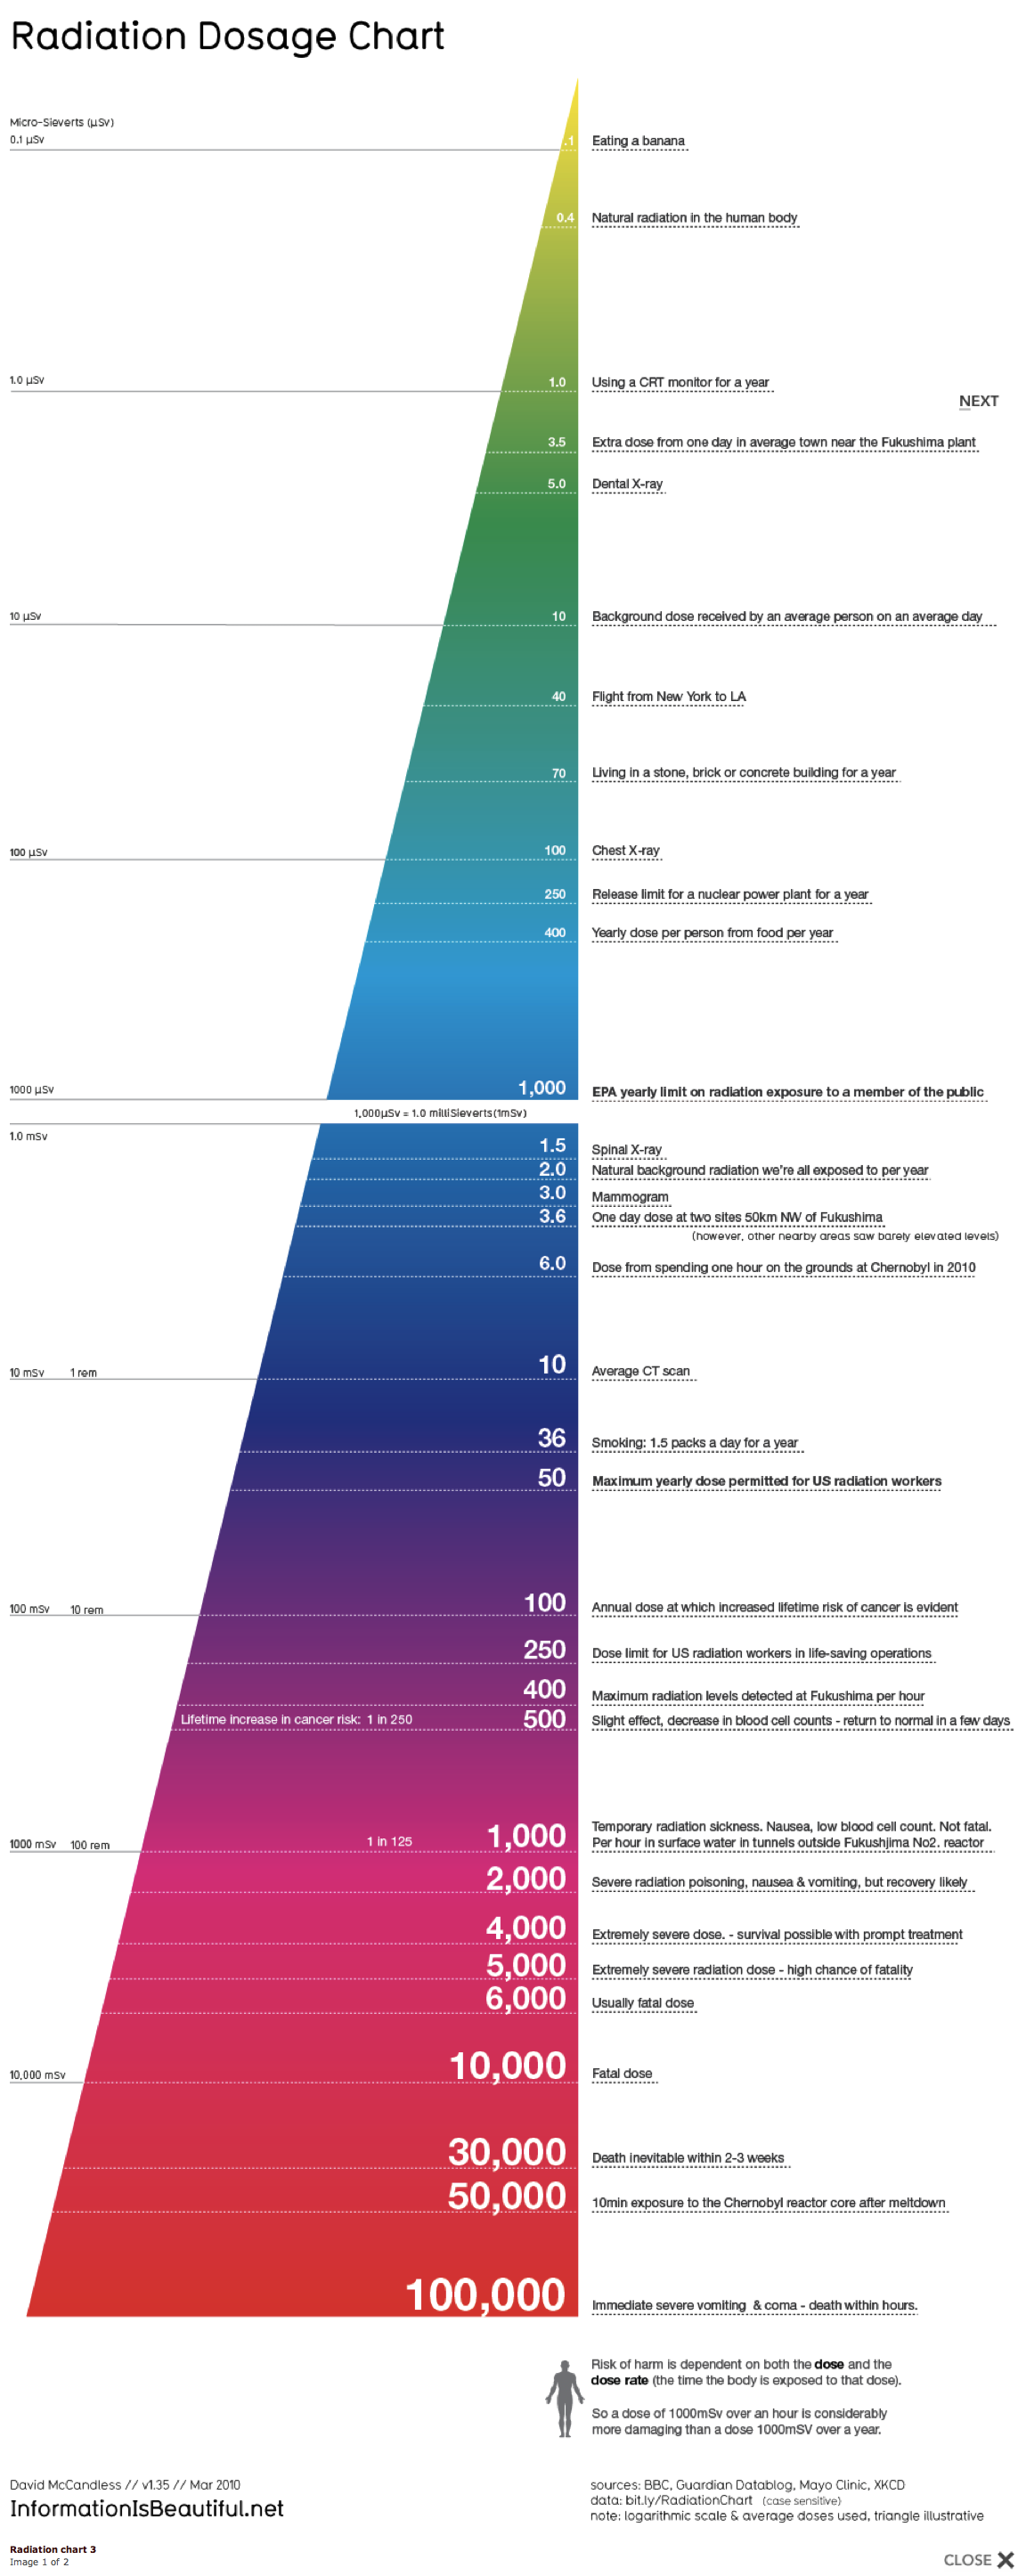 從香蕉一根到絕對致命的簡單易懂輻射劑量圖表。   wa er. 白蘋果急救室.png